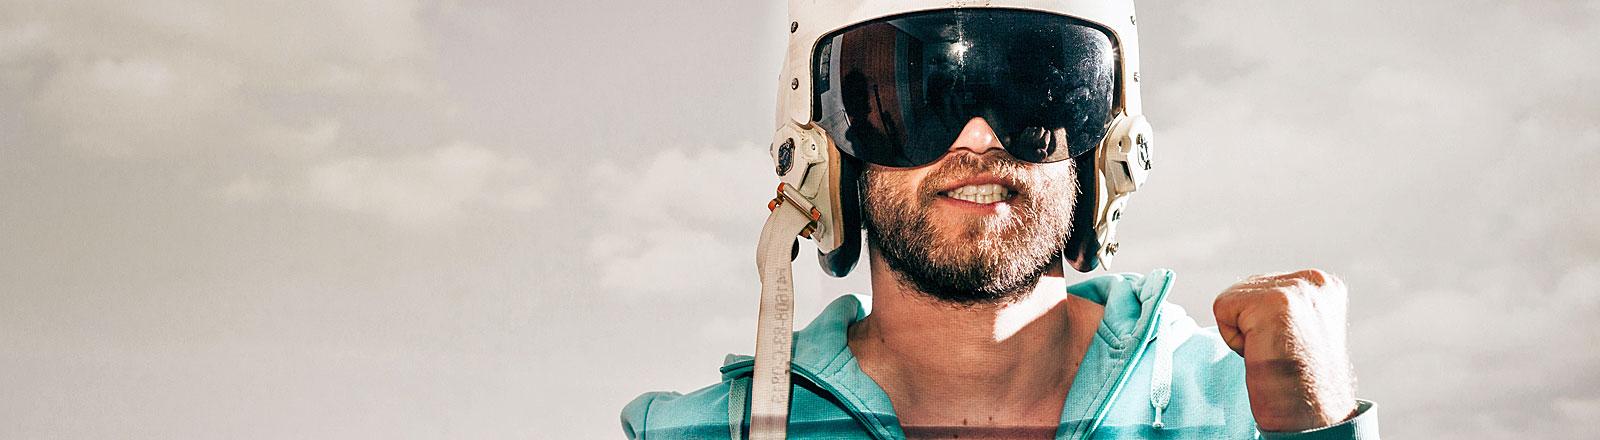 Mann mit Helm und Sonnebrille, die Haust ballend